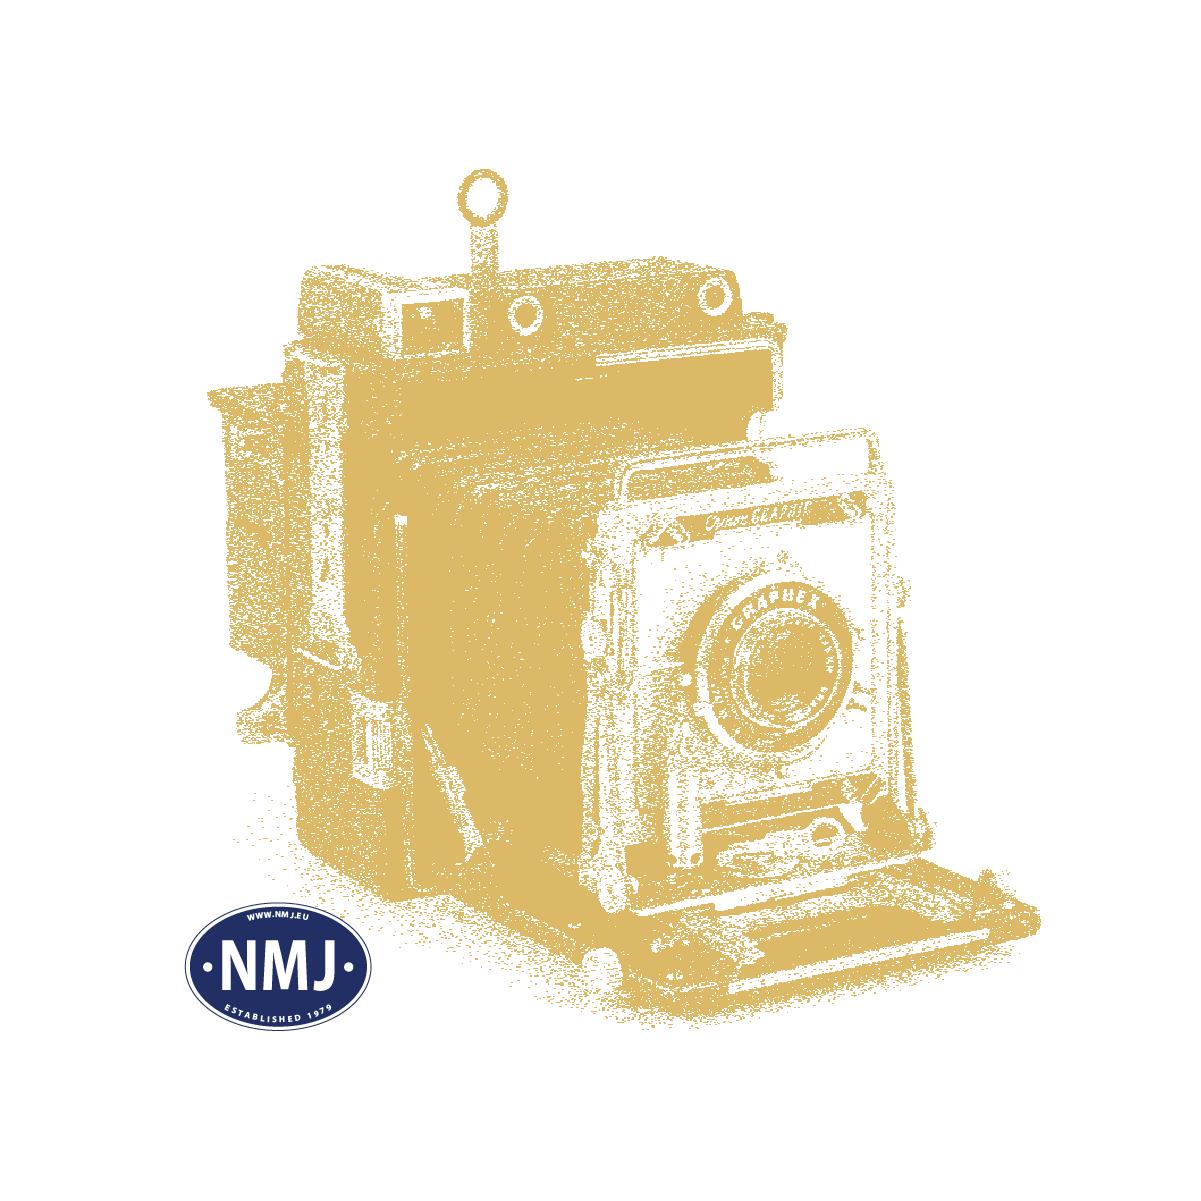 ART20.316.03 - NS Flatvogn m/ Boggi